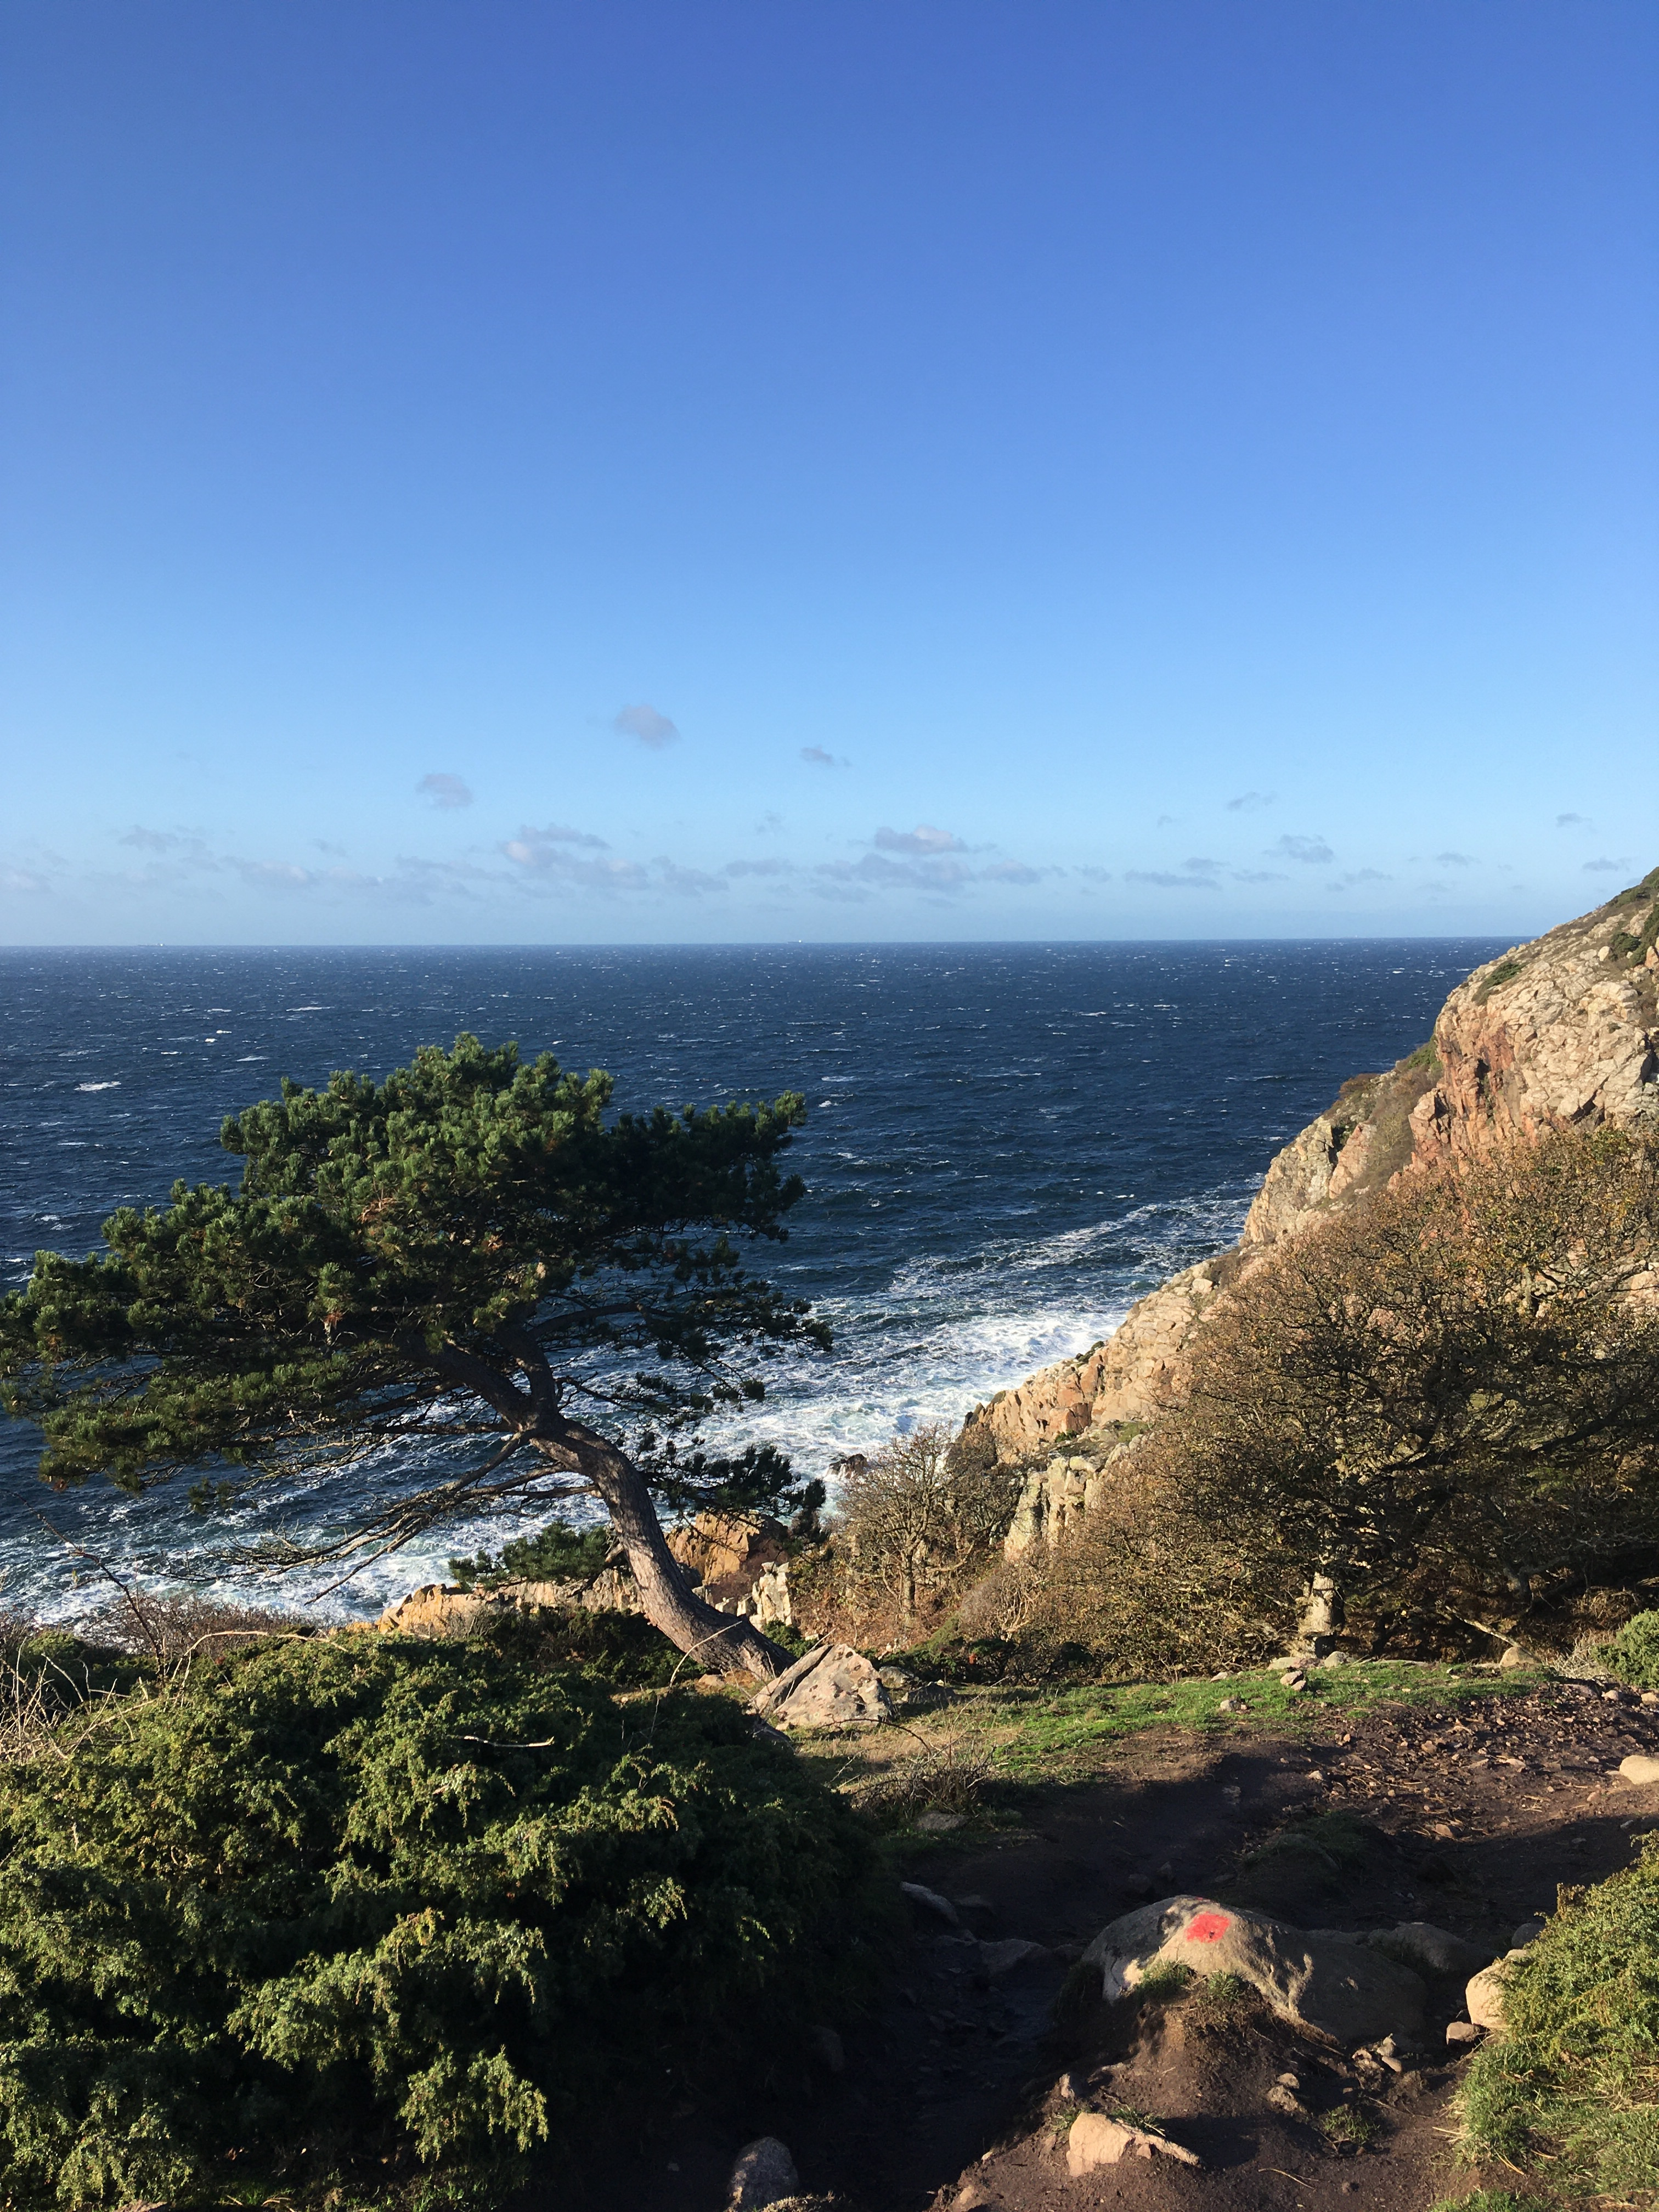 Udsigt over havet fra klipperne på vej ud mod fyret. Foto: Knut korczak